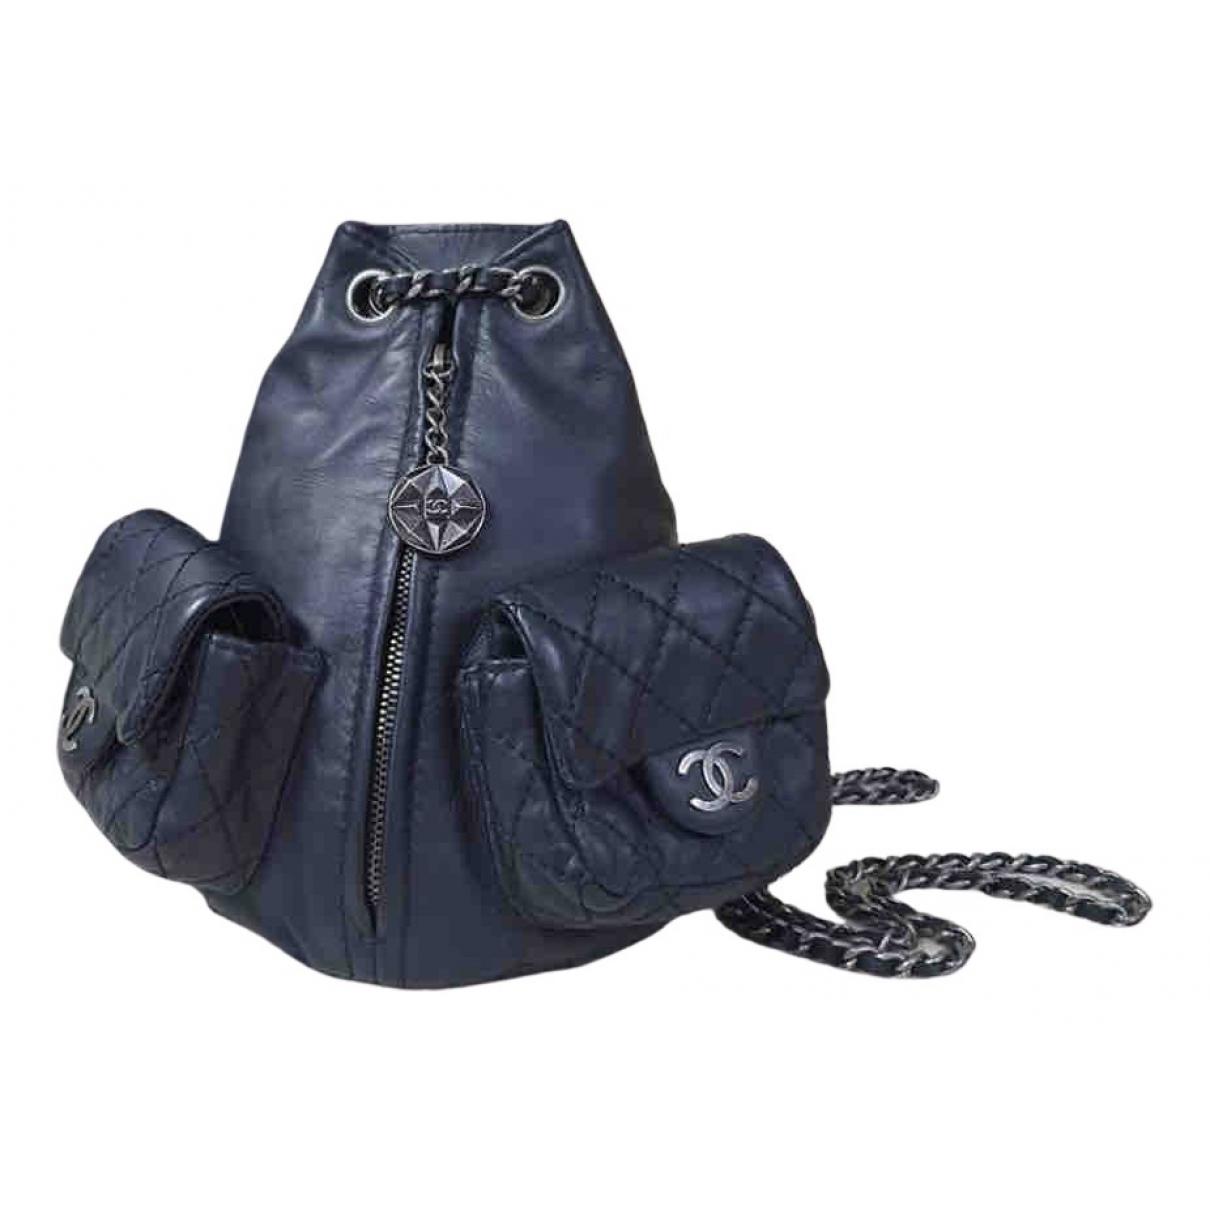 Mochila de Cuero Chanel